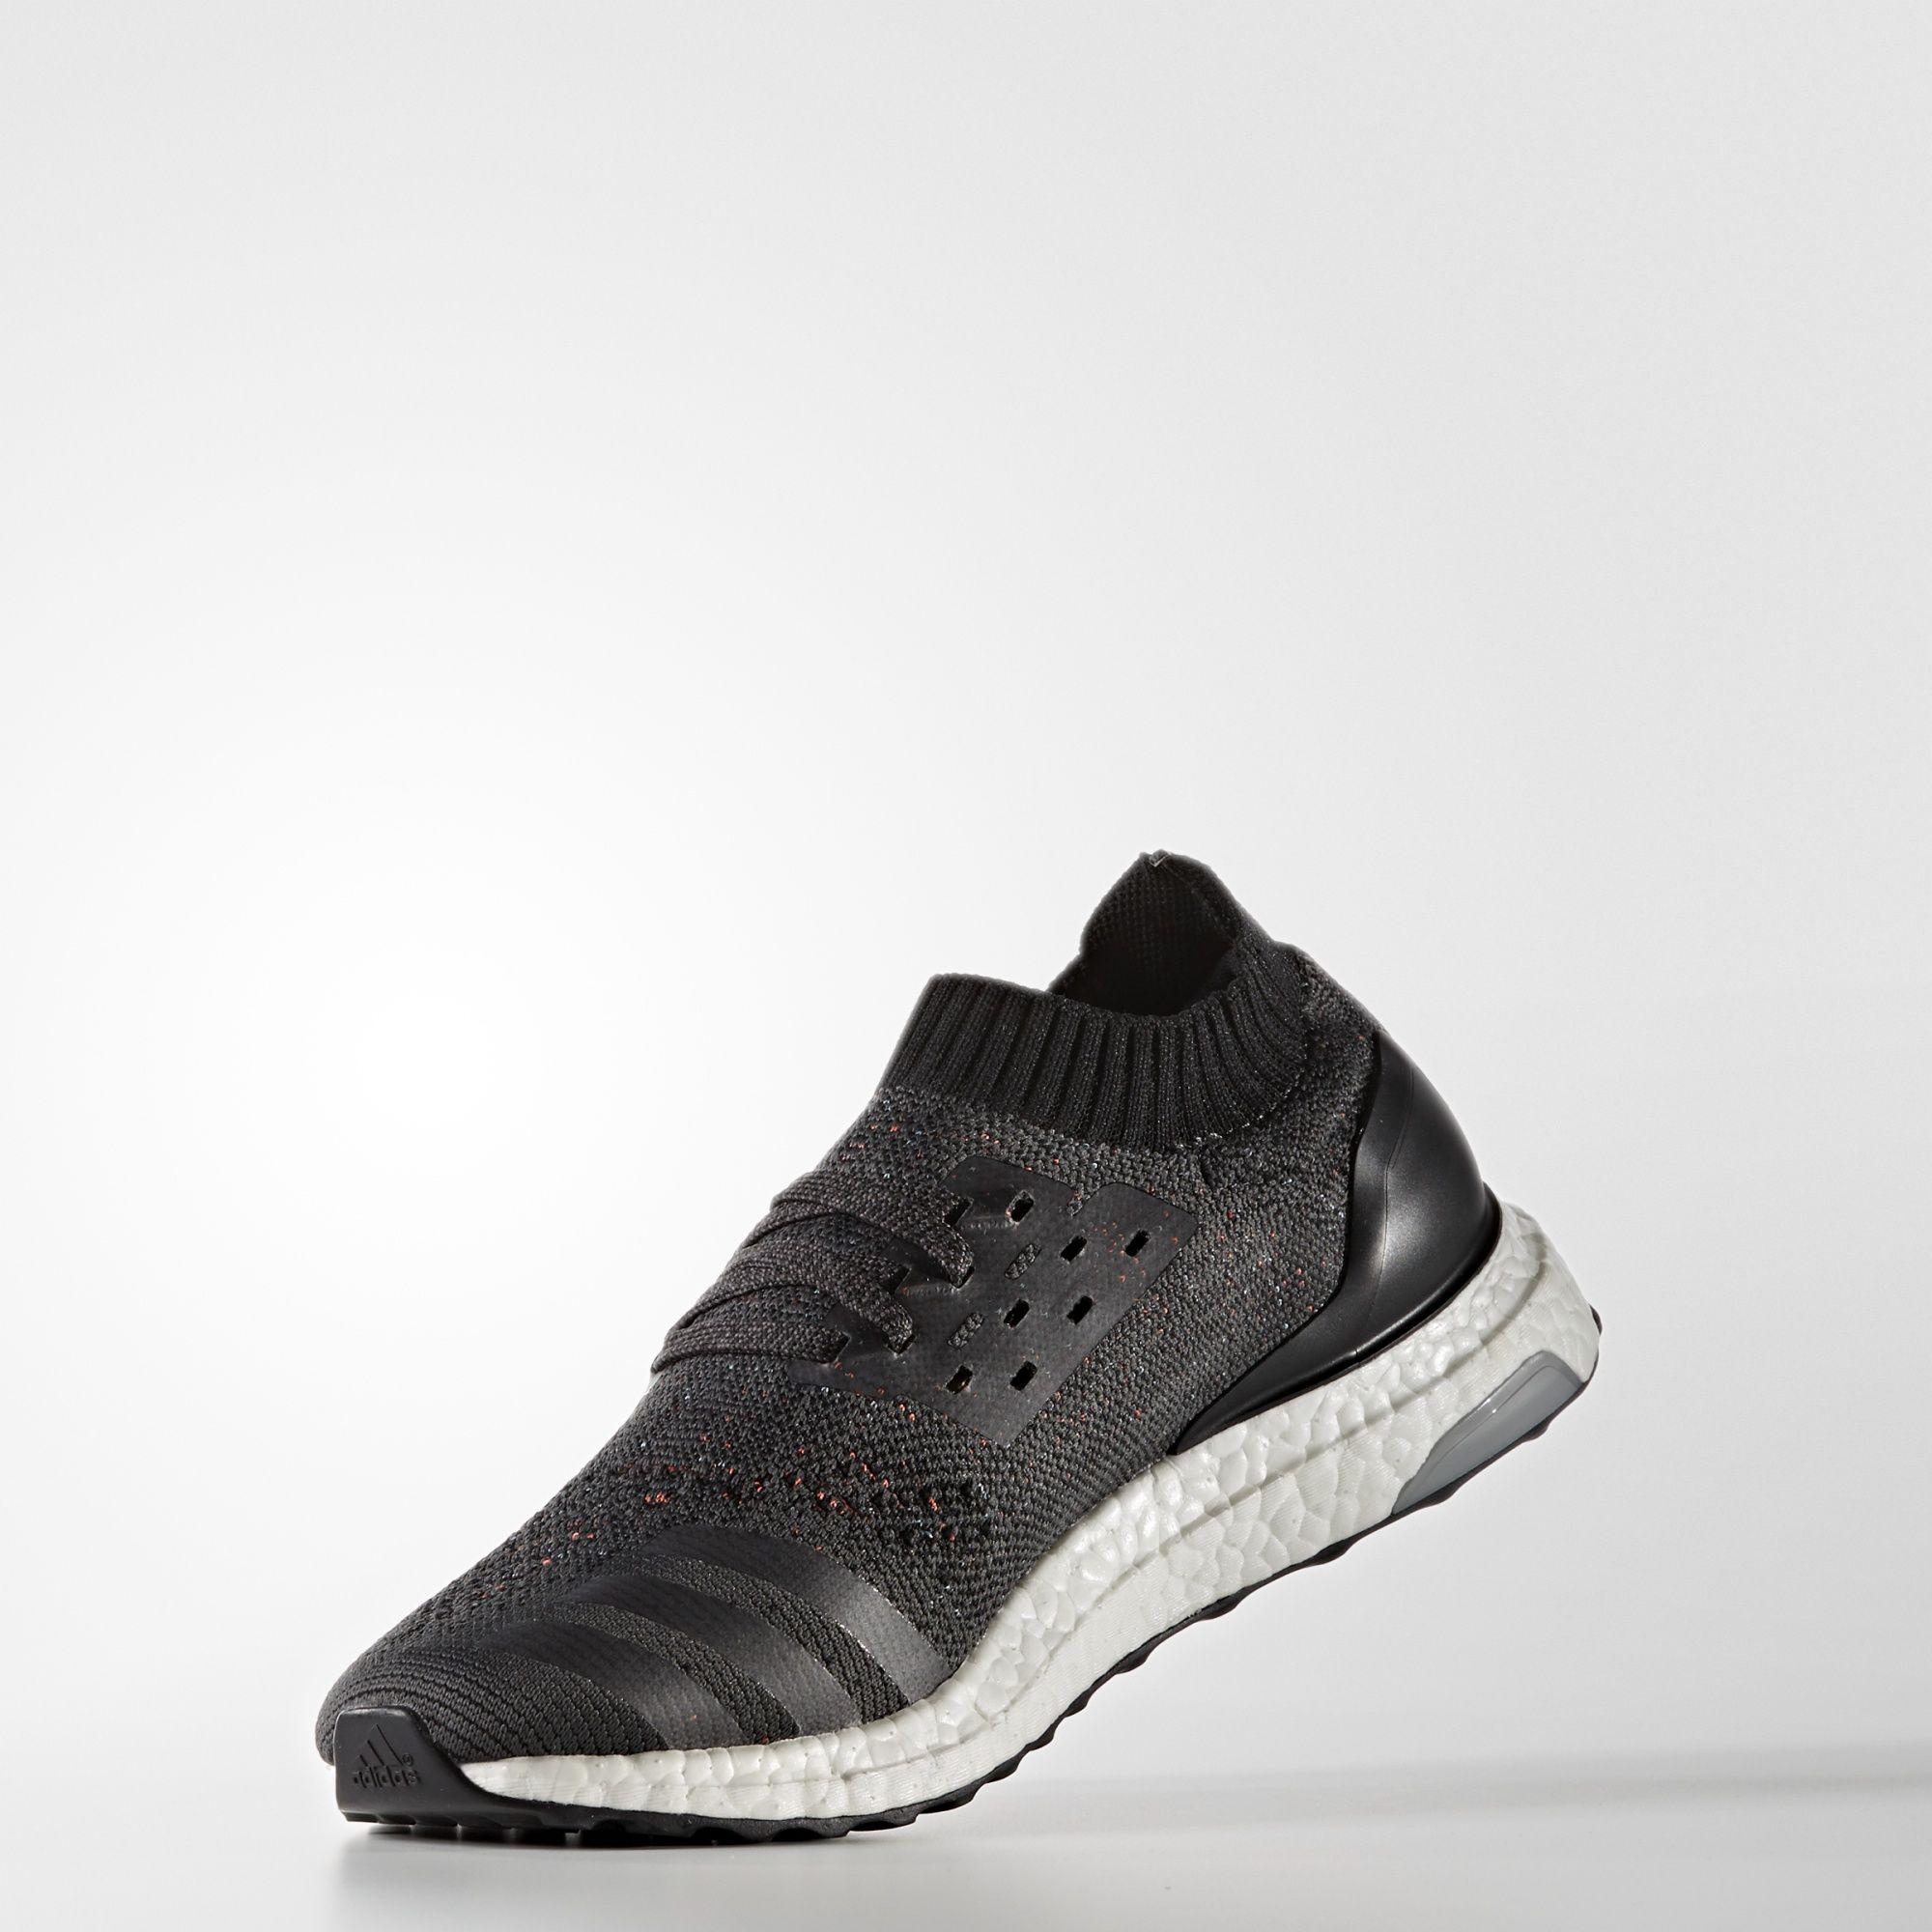 adidas ultra boost uncaged grey black BB4486 3